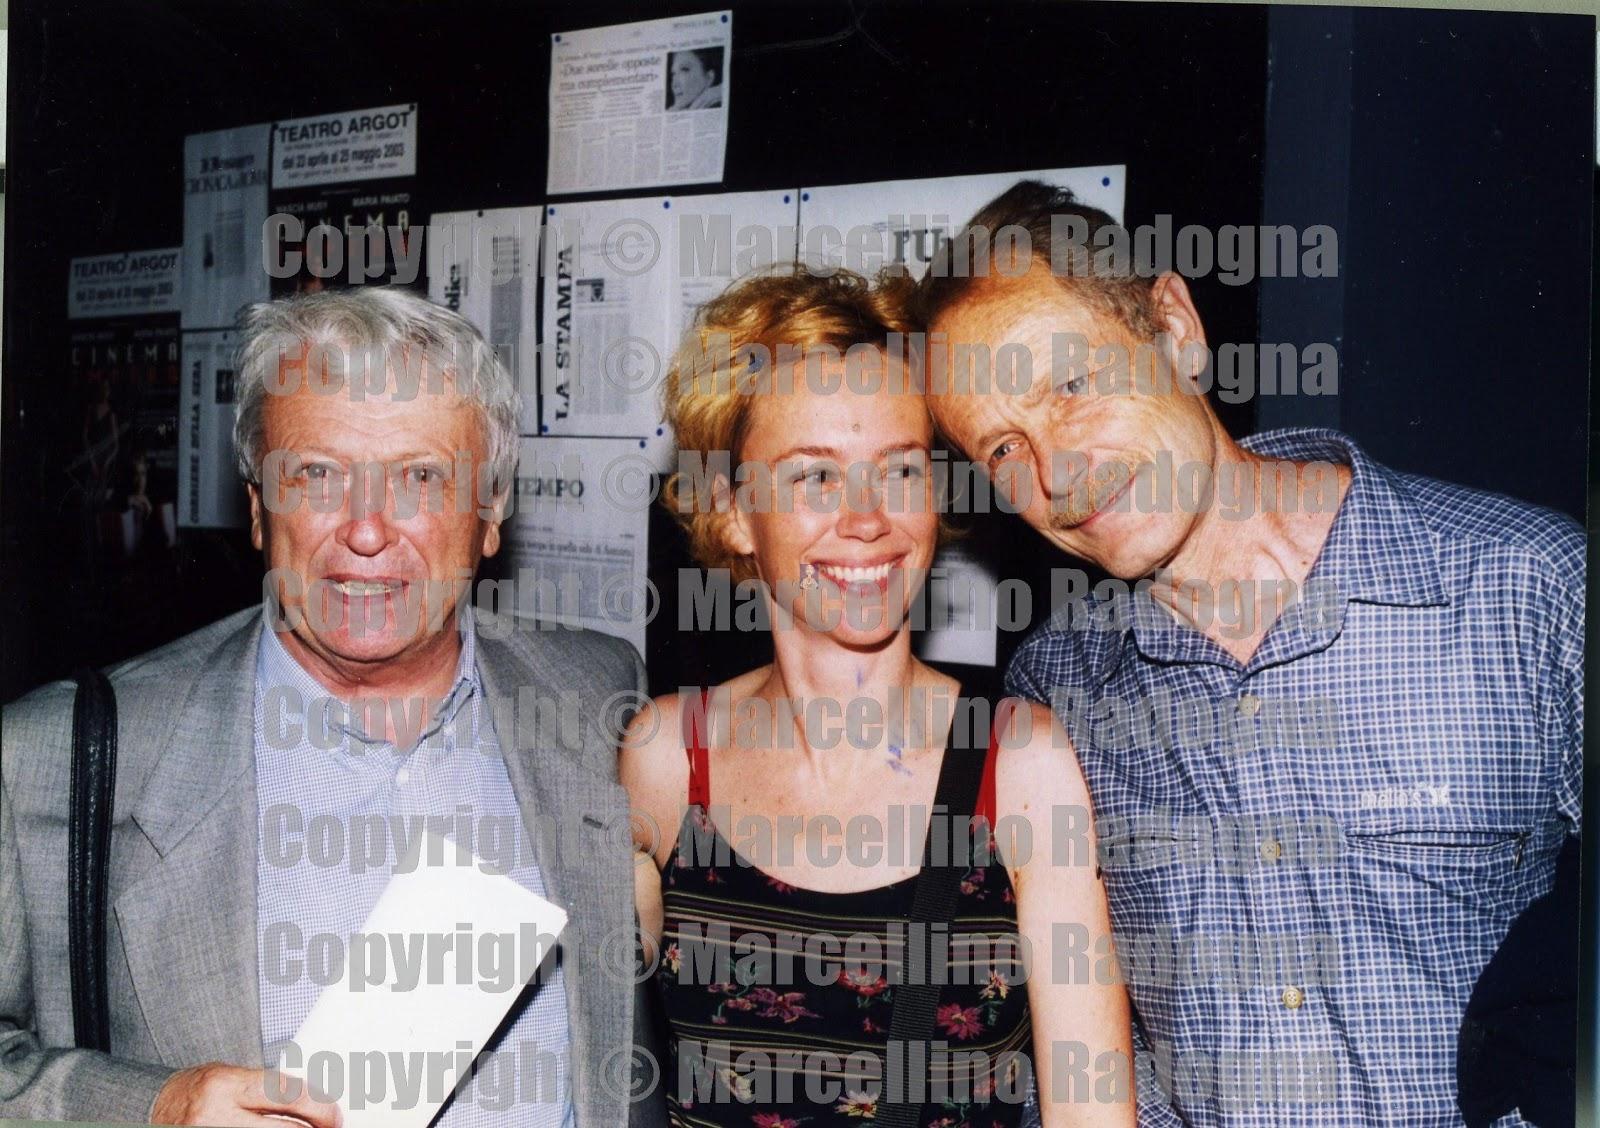 separation shoes 0e79d 3aa79 Marcellino Radogna - Fotonotizie per la stampa: Predrag ...